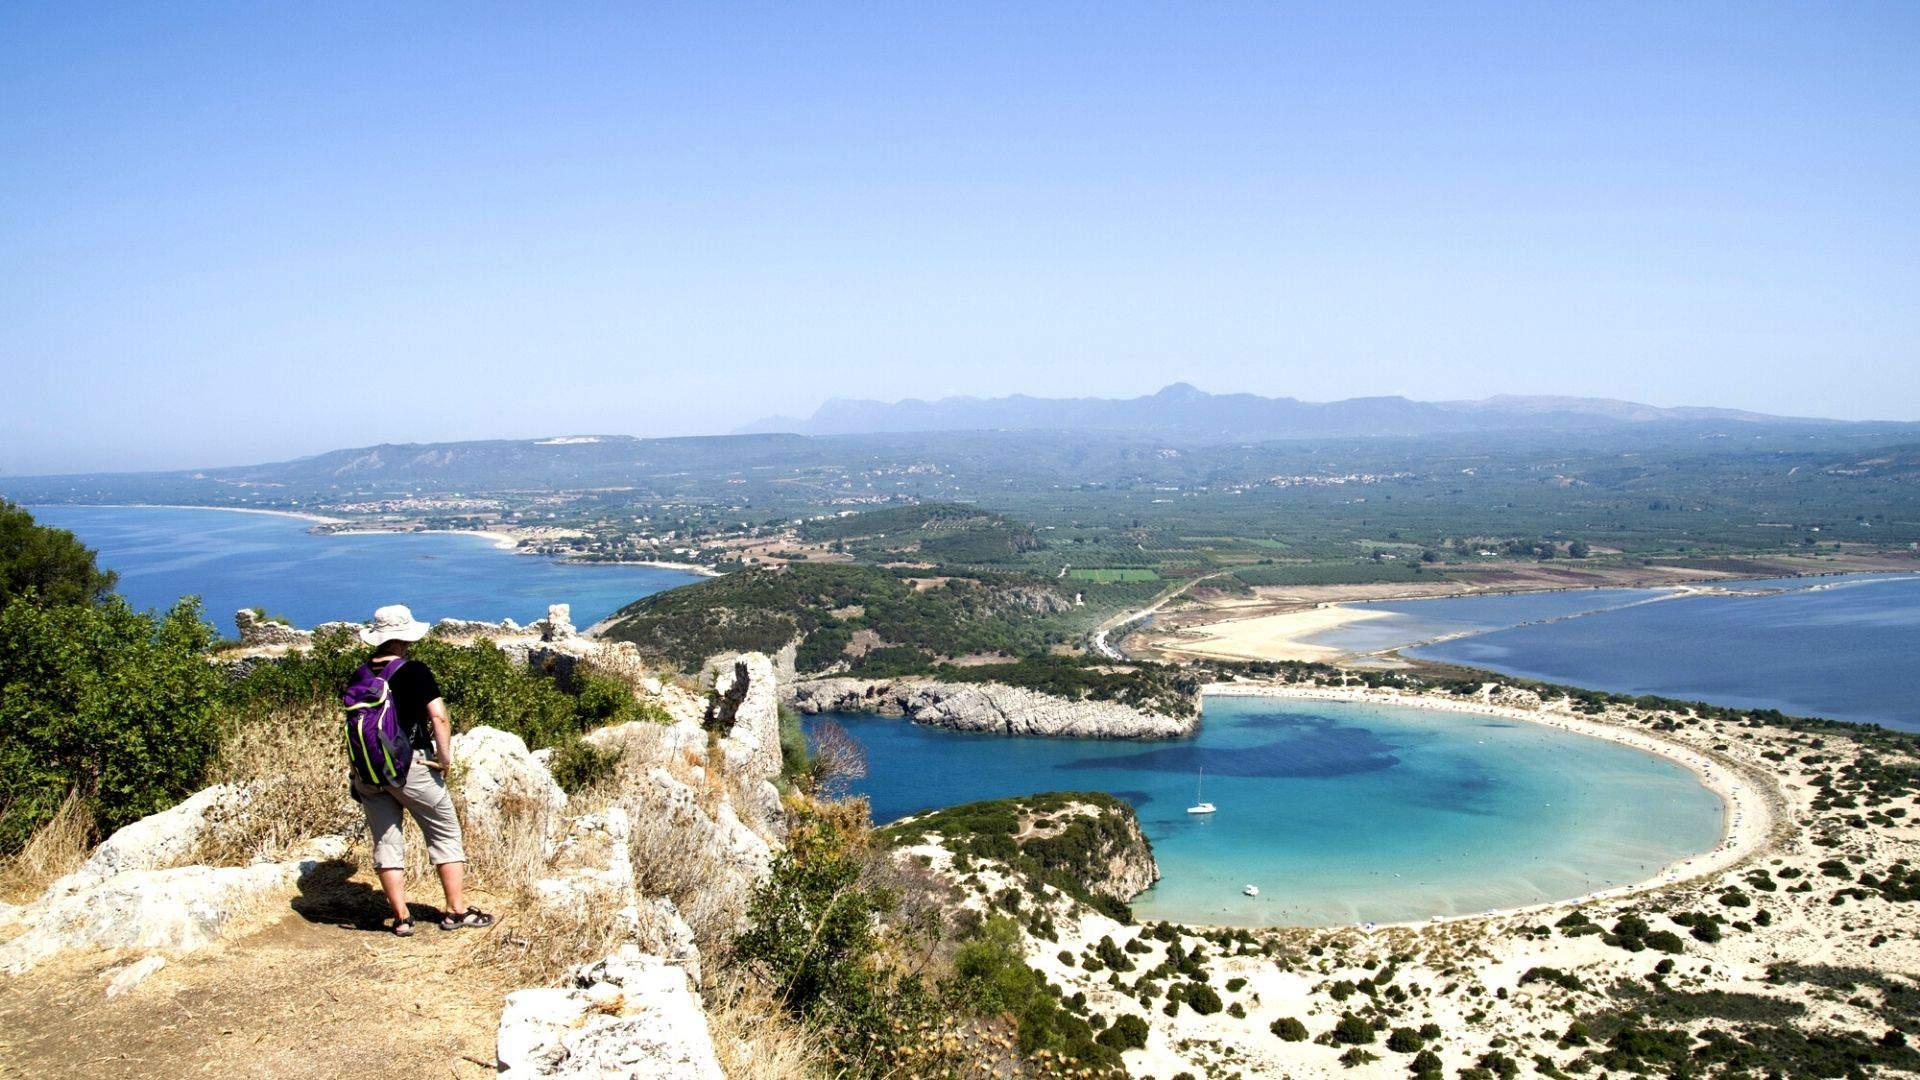 Mėgaukitės paplūdimiais ir įlankomis - čia vien iš gražiausių lagūnų Peloponese